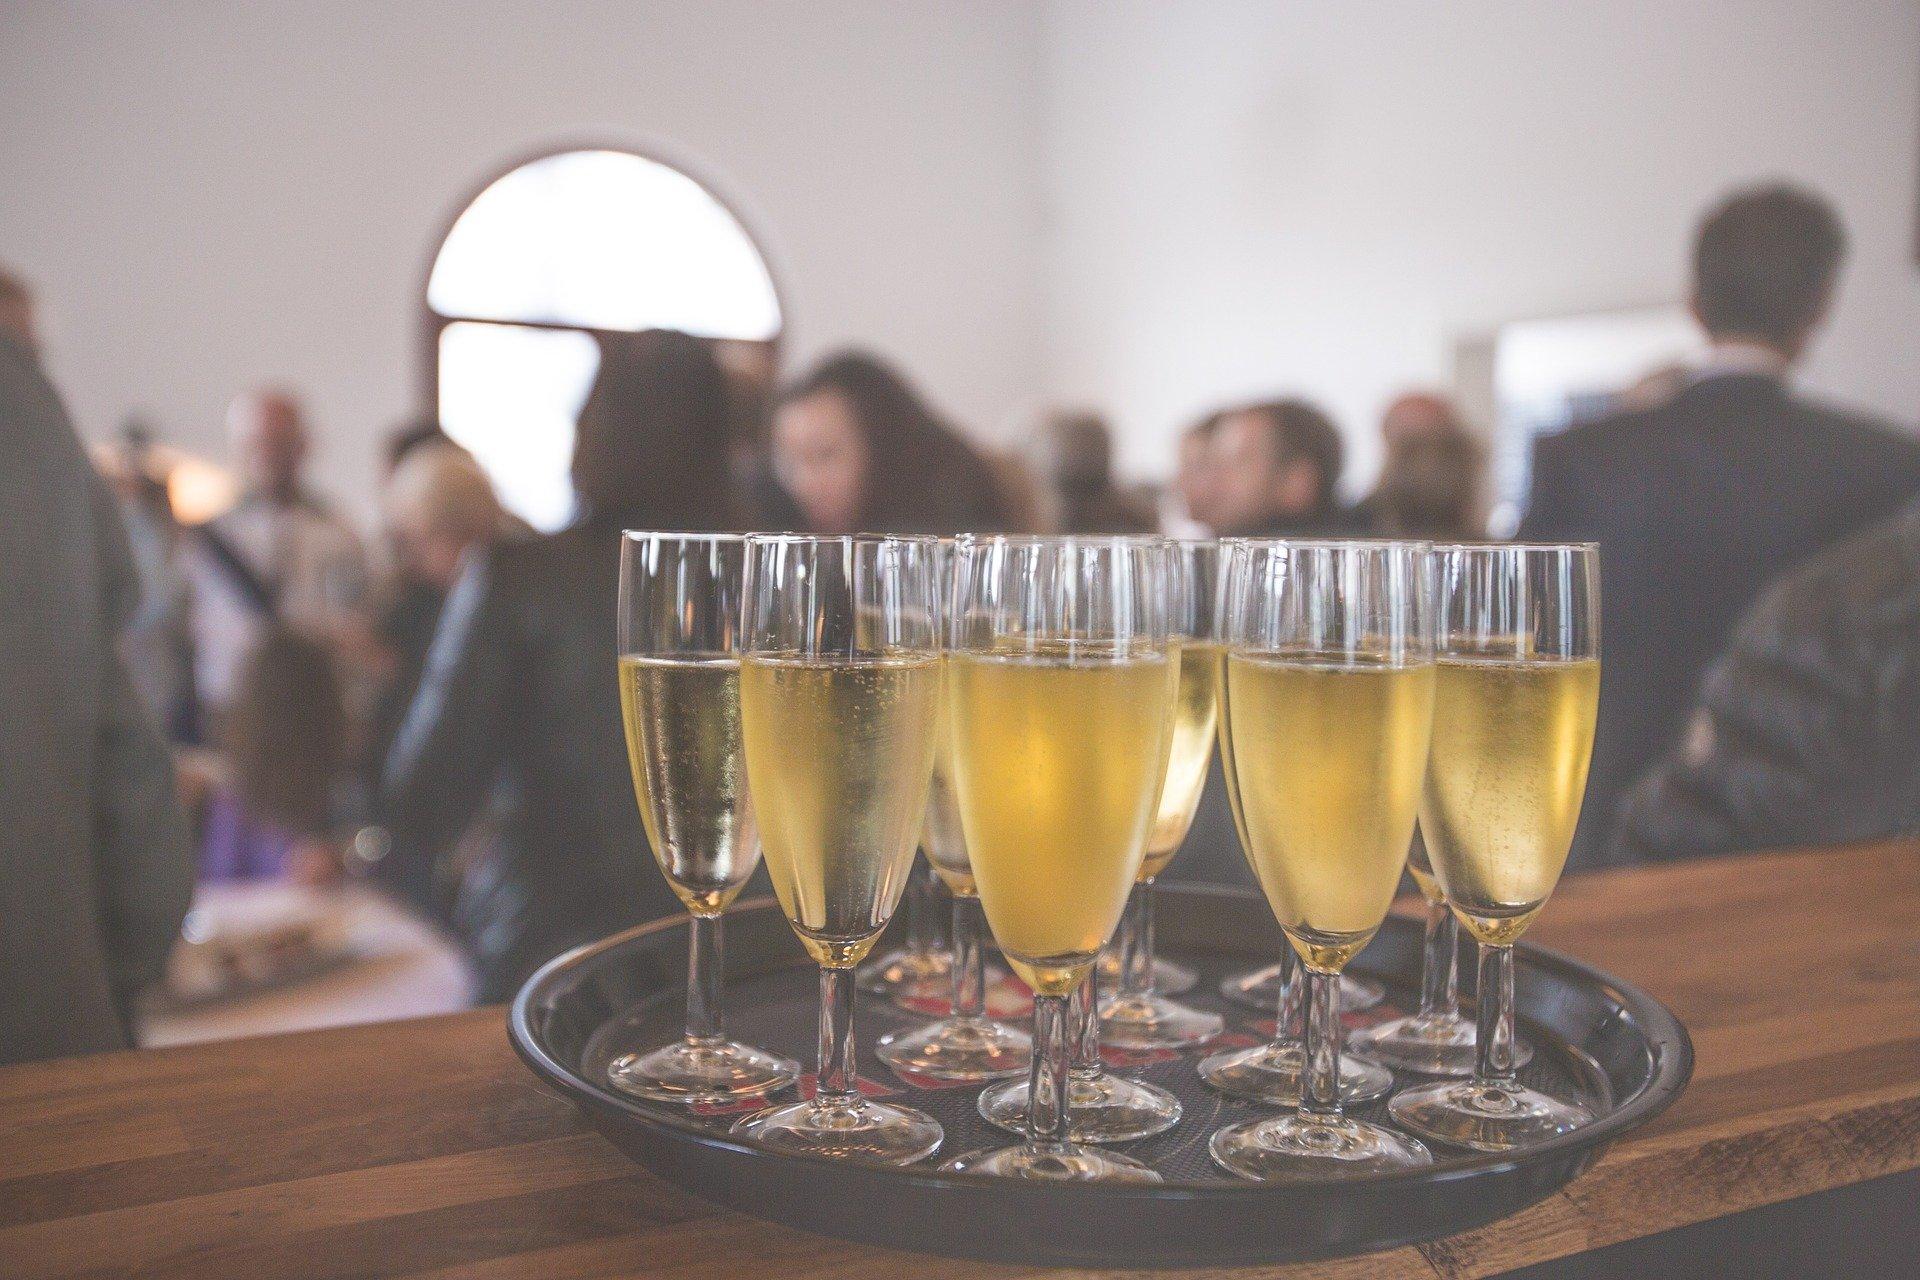 Zeit zu Feiern Warum feiern zur arbeit gehört erfolge ivcg